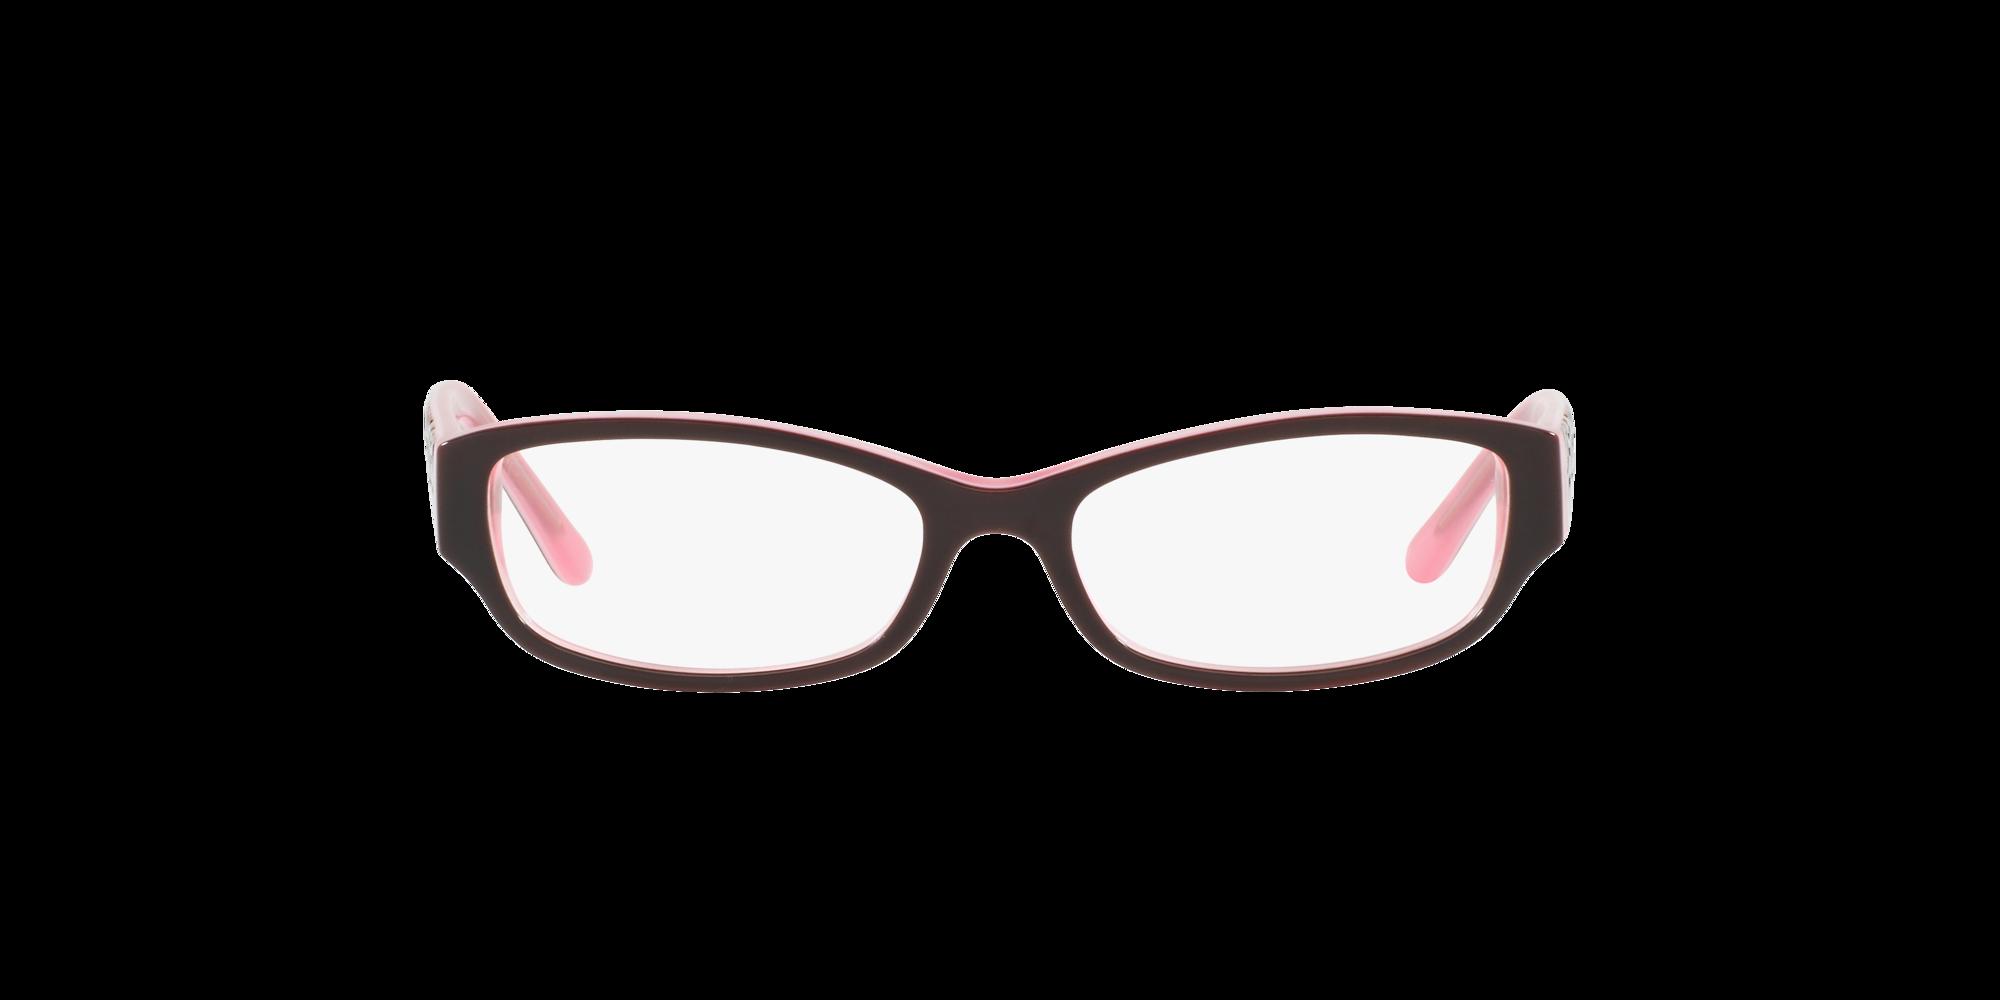 Imagen para SF1844 de LensCrafters |  Espejuelos, espejuelos graduados en línea, gafas